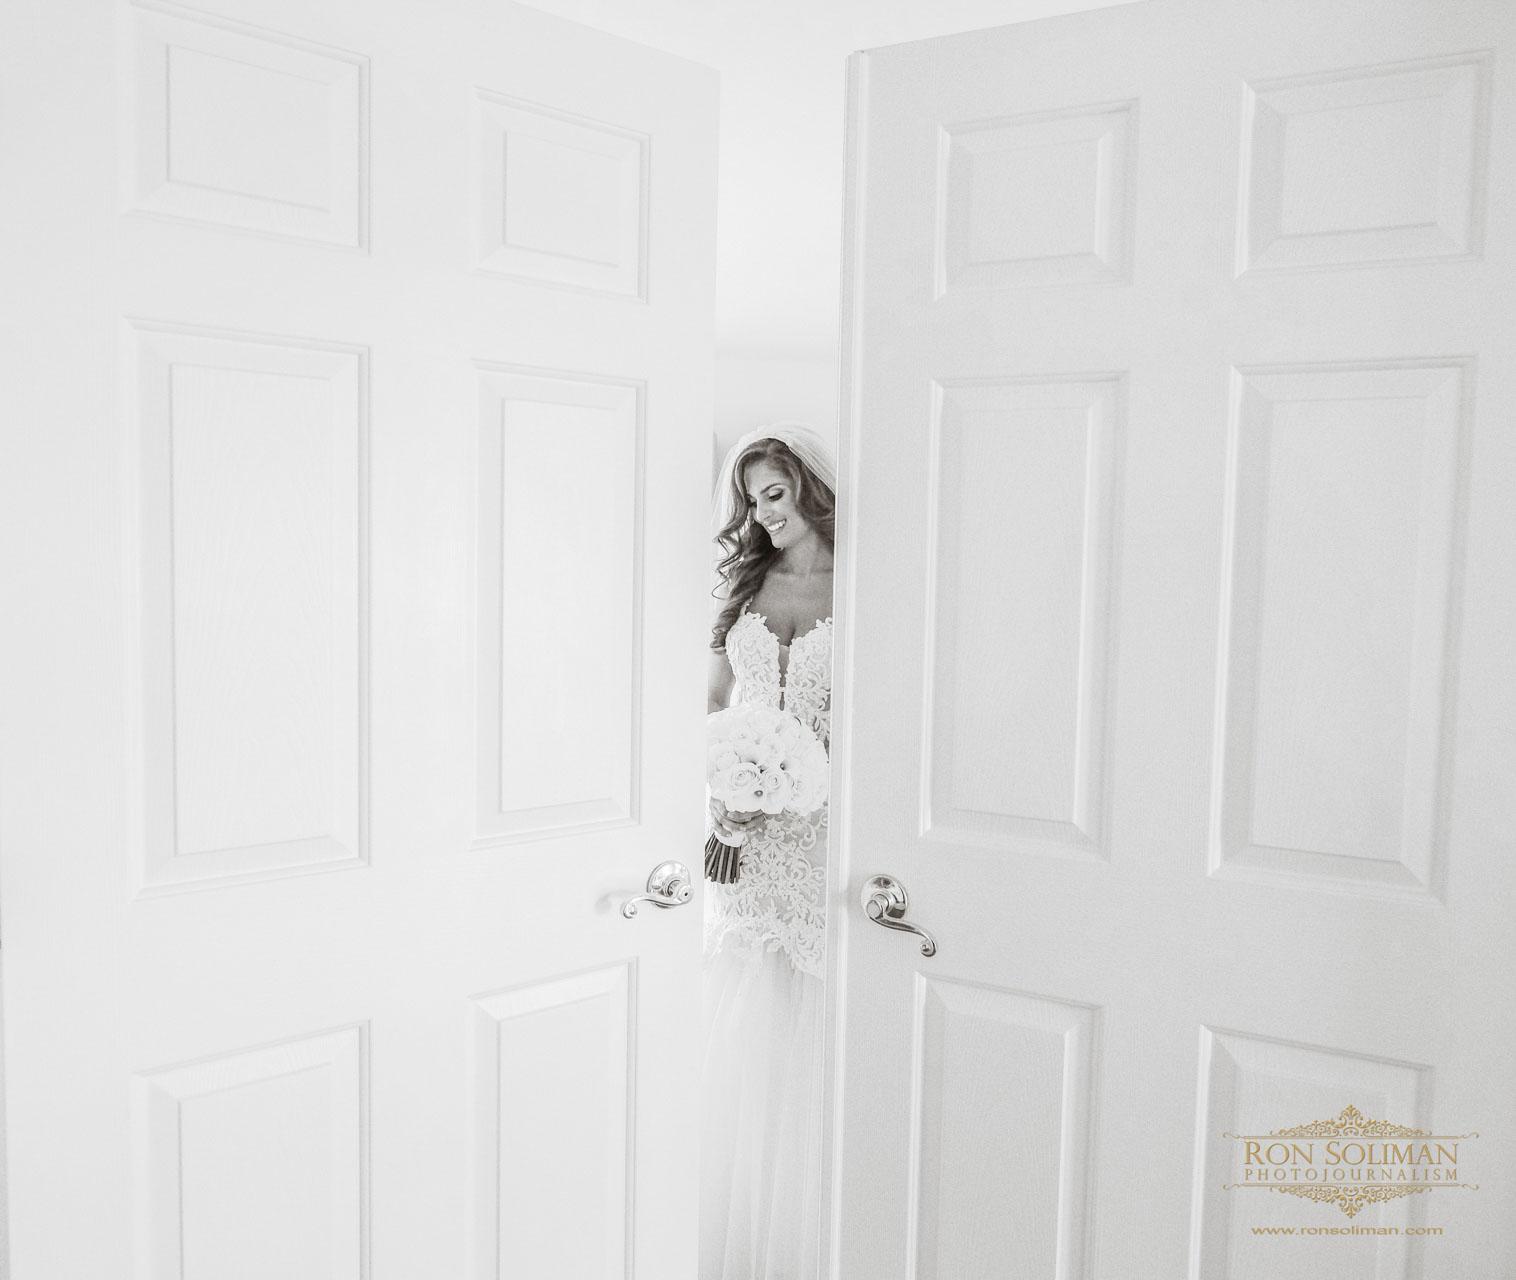 BALLROOM AT THE BEN WEDDING AG 11